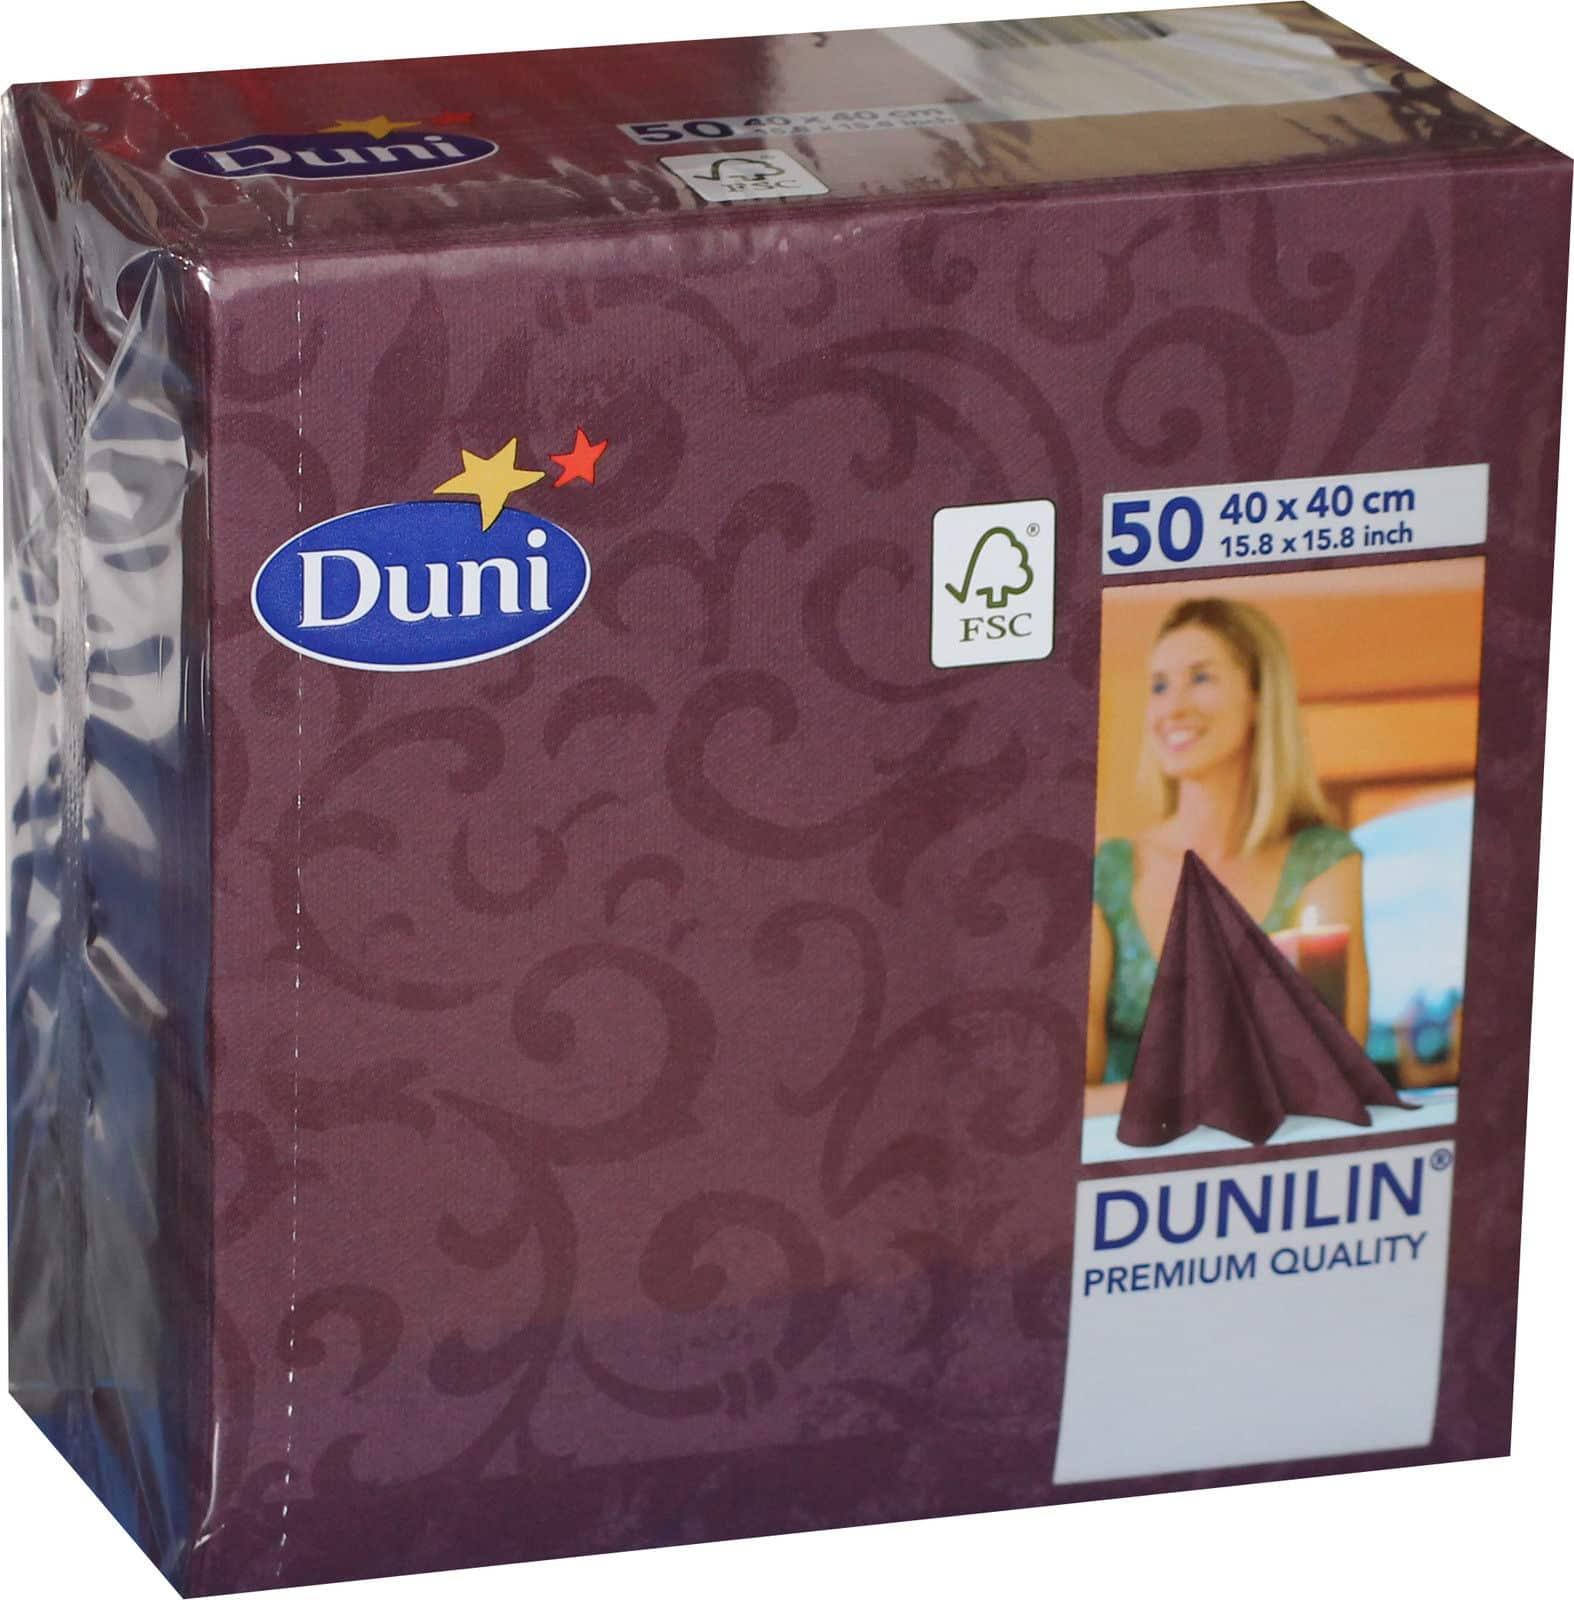 50x Duni Dunilin 165603 Gastro Servietten 40 X 40 Cm